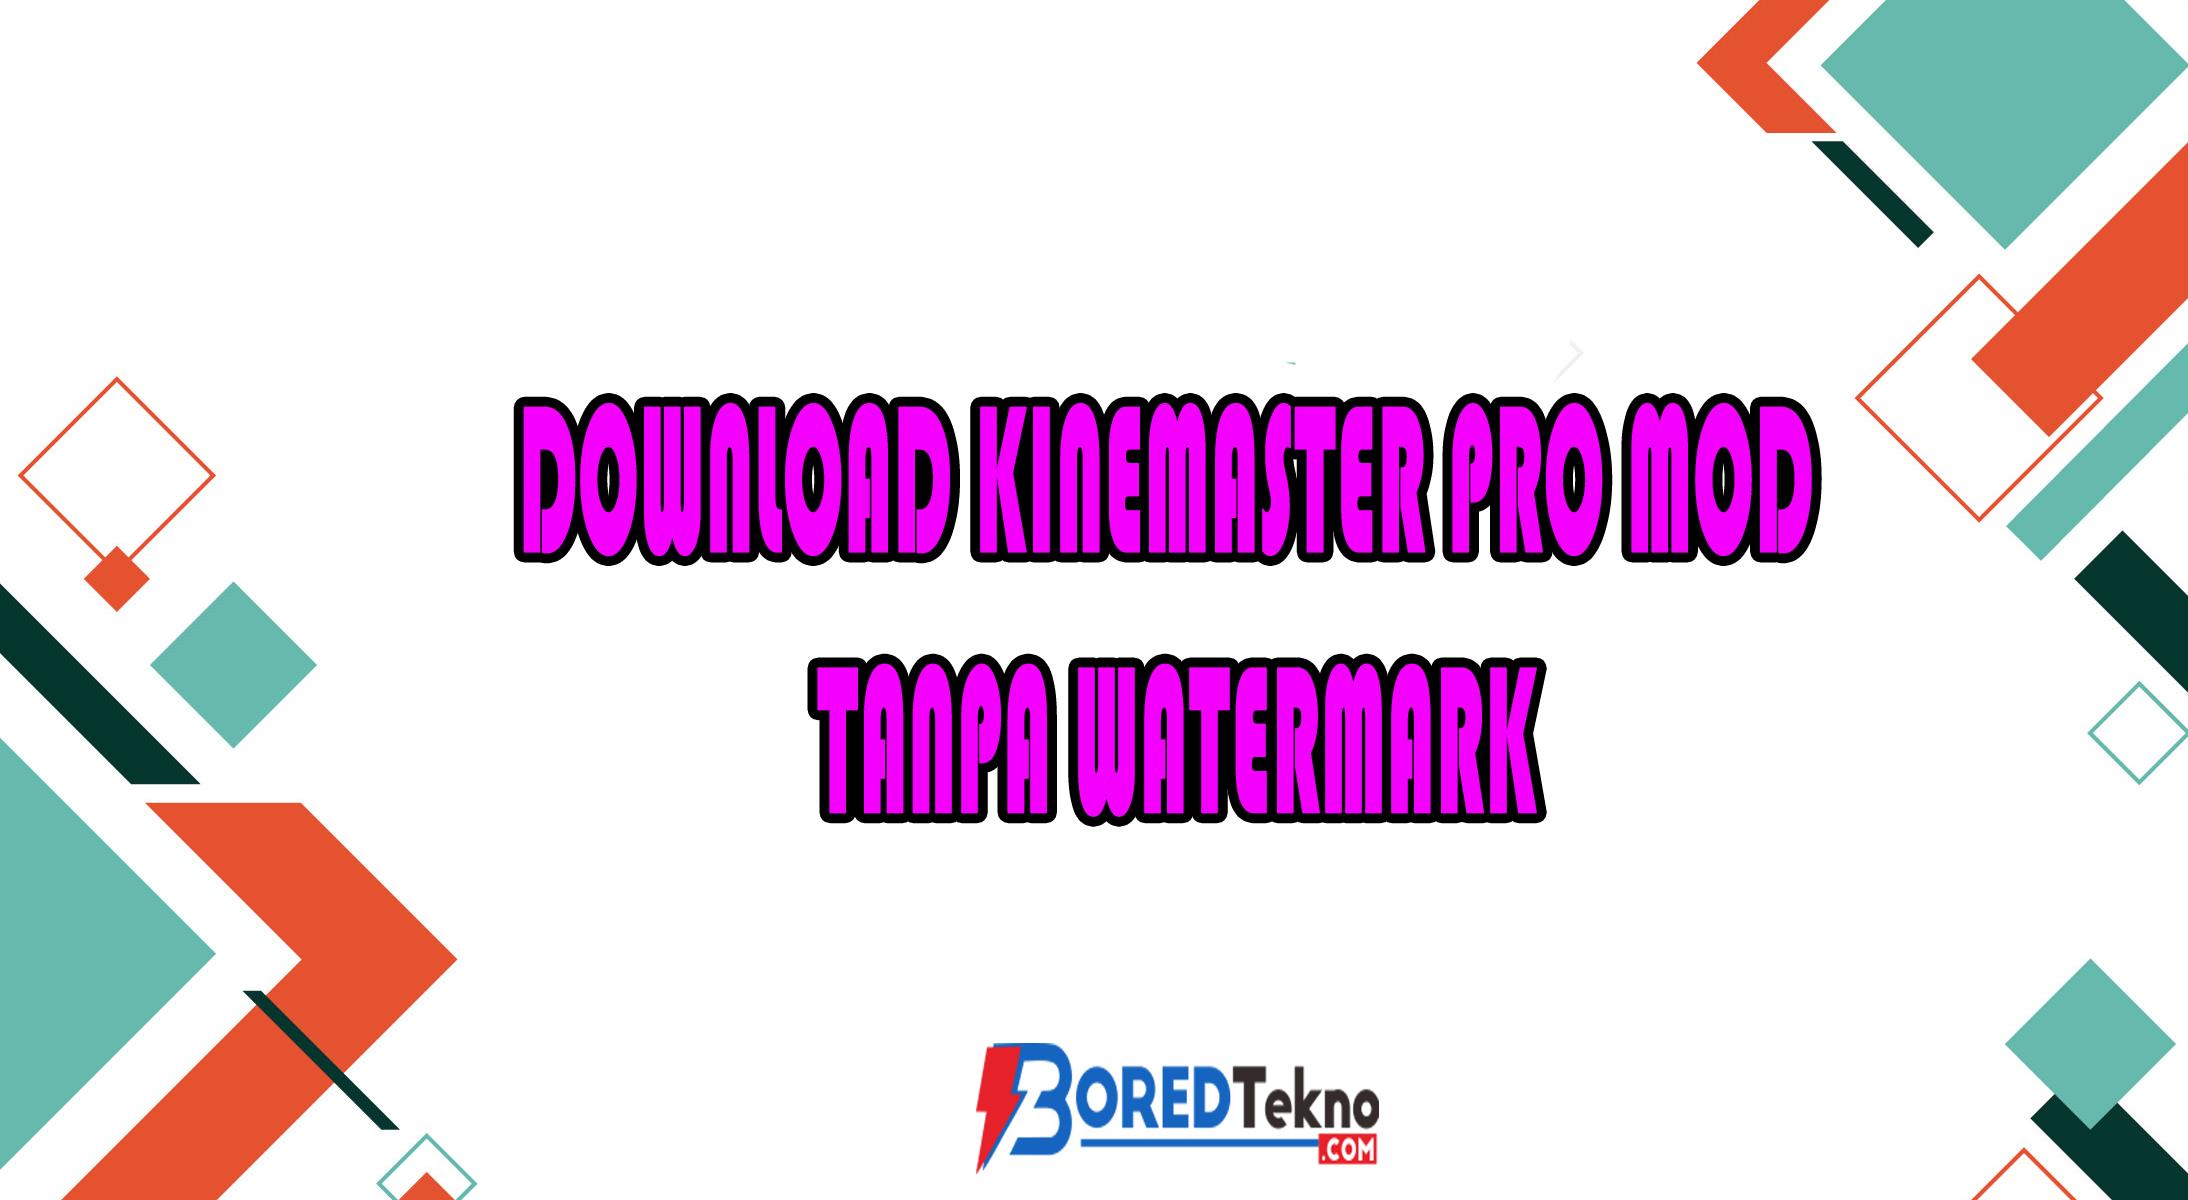 Download Kinemaster Pro Mod Tanpa Watermark